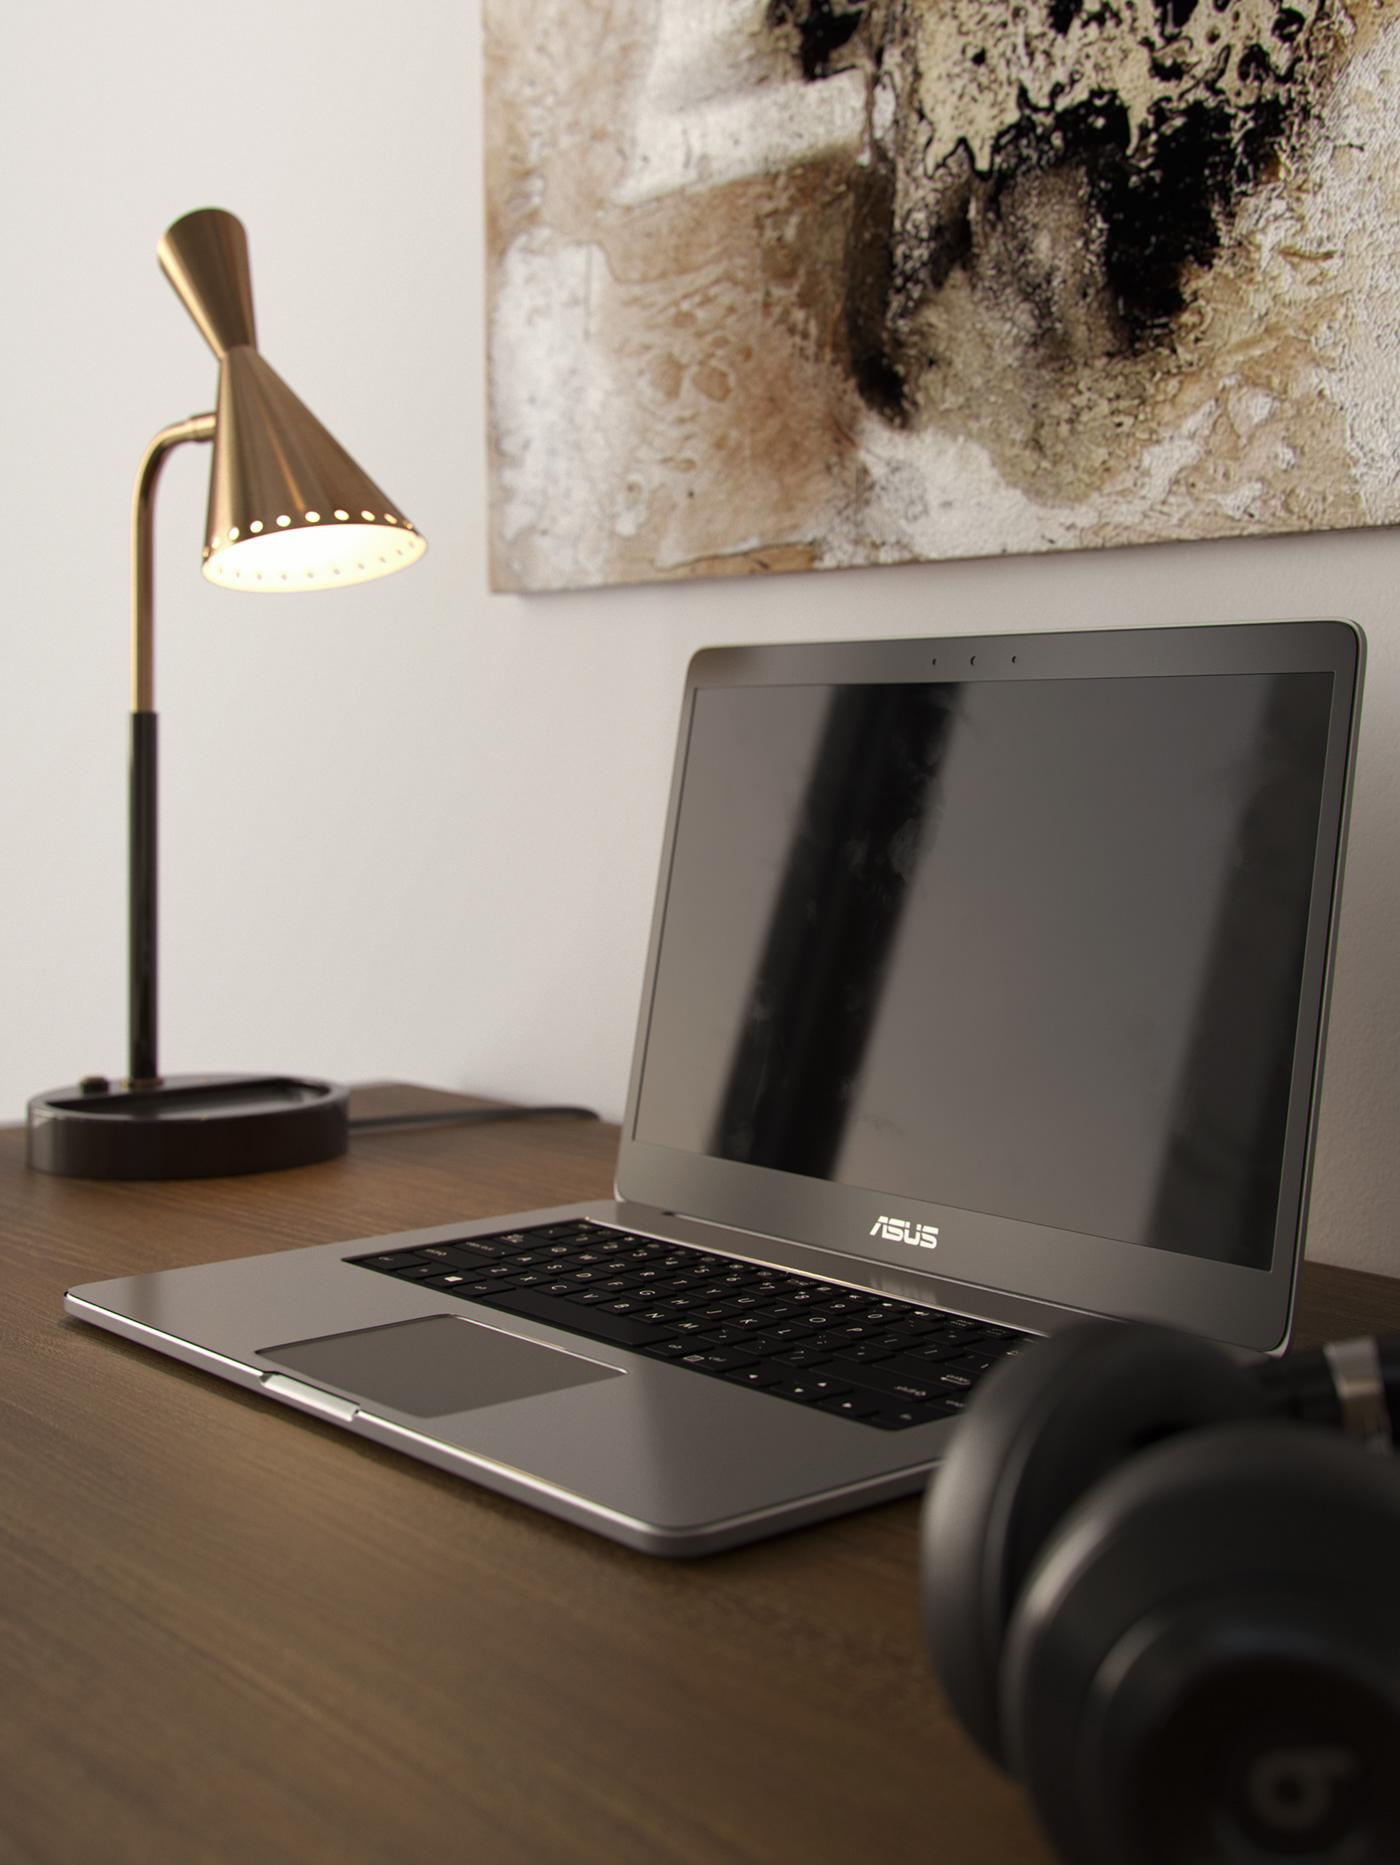 3d max,corona,corona renderer,Interior,bedroom,design,Render,rendering,3D